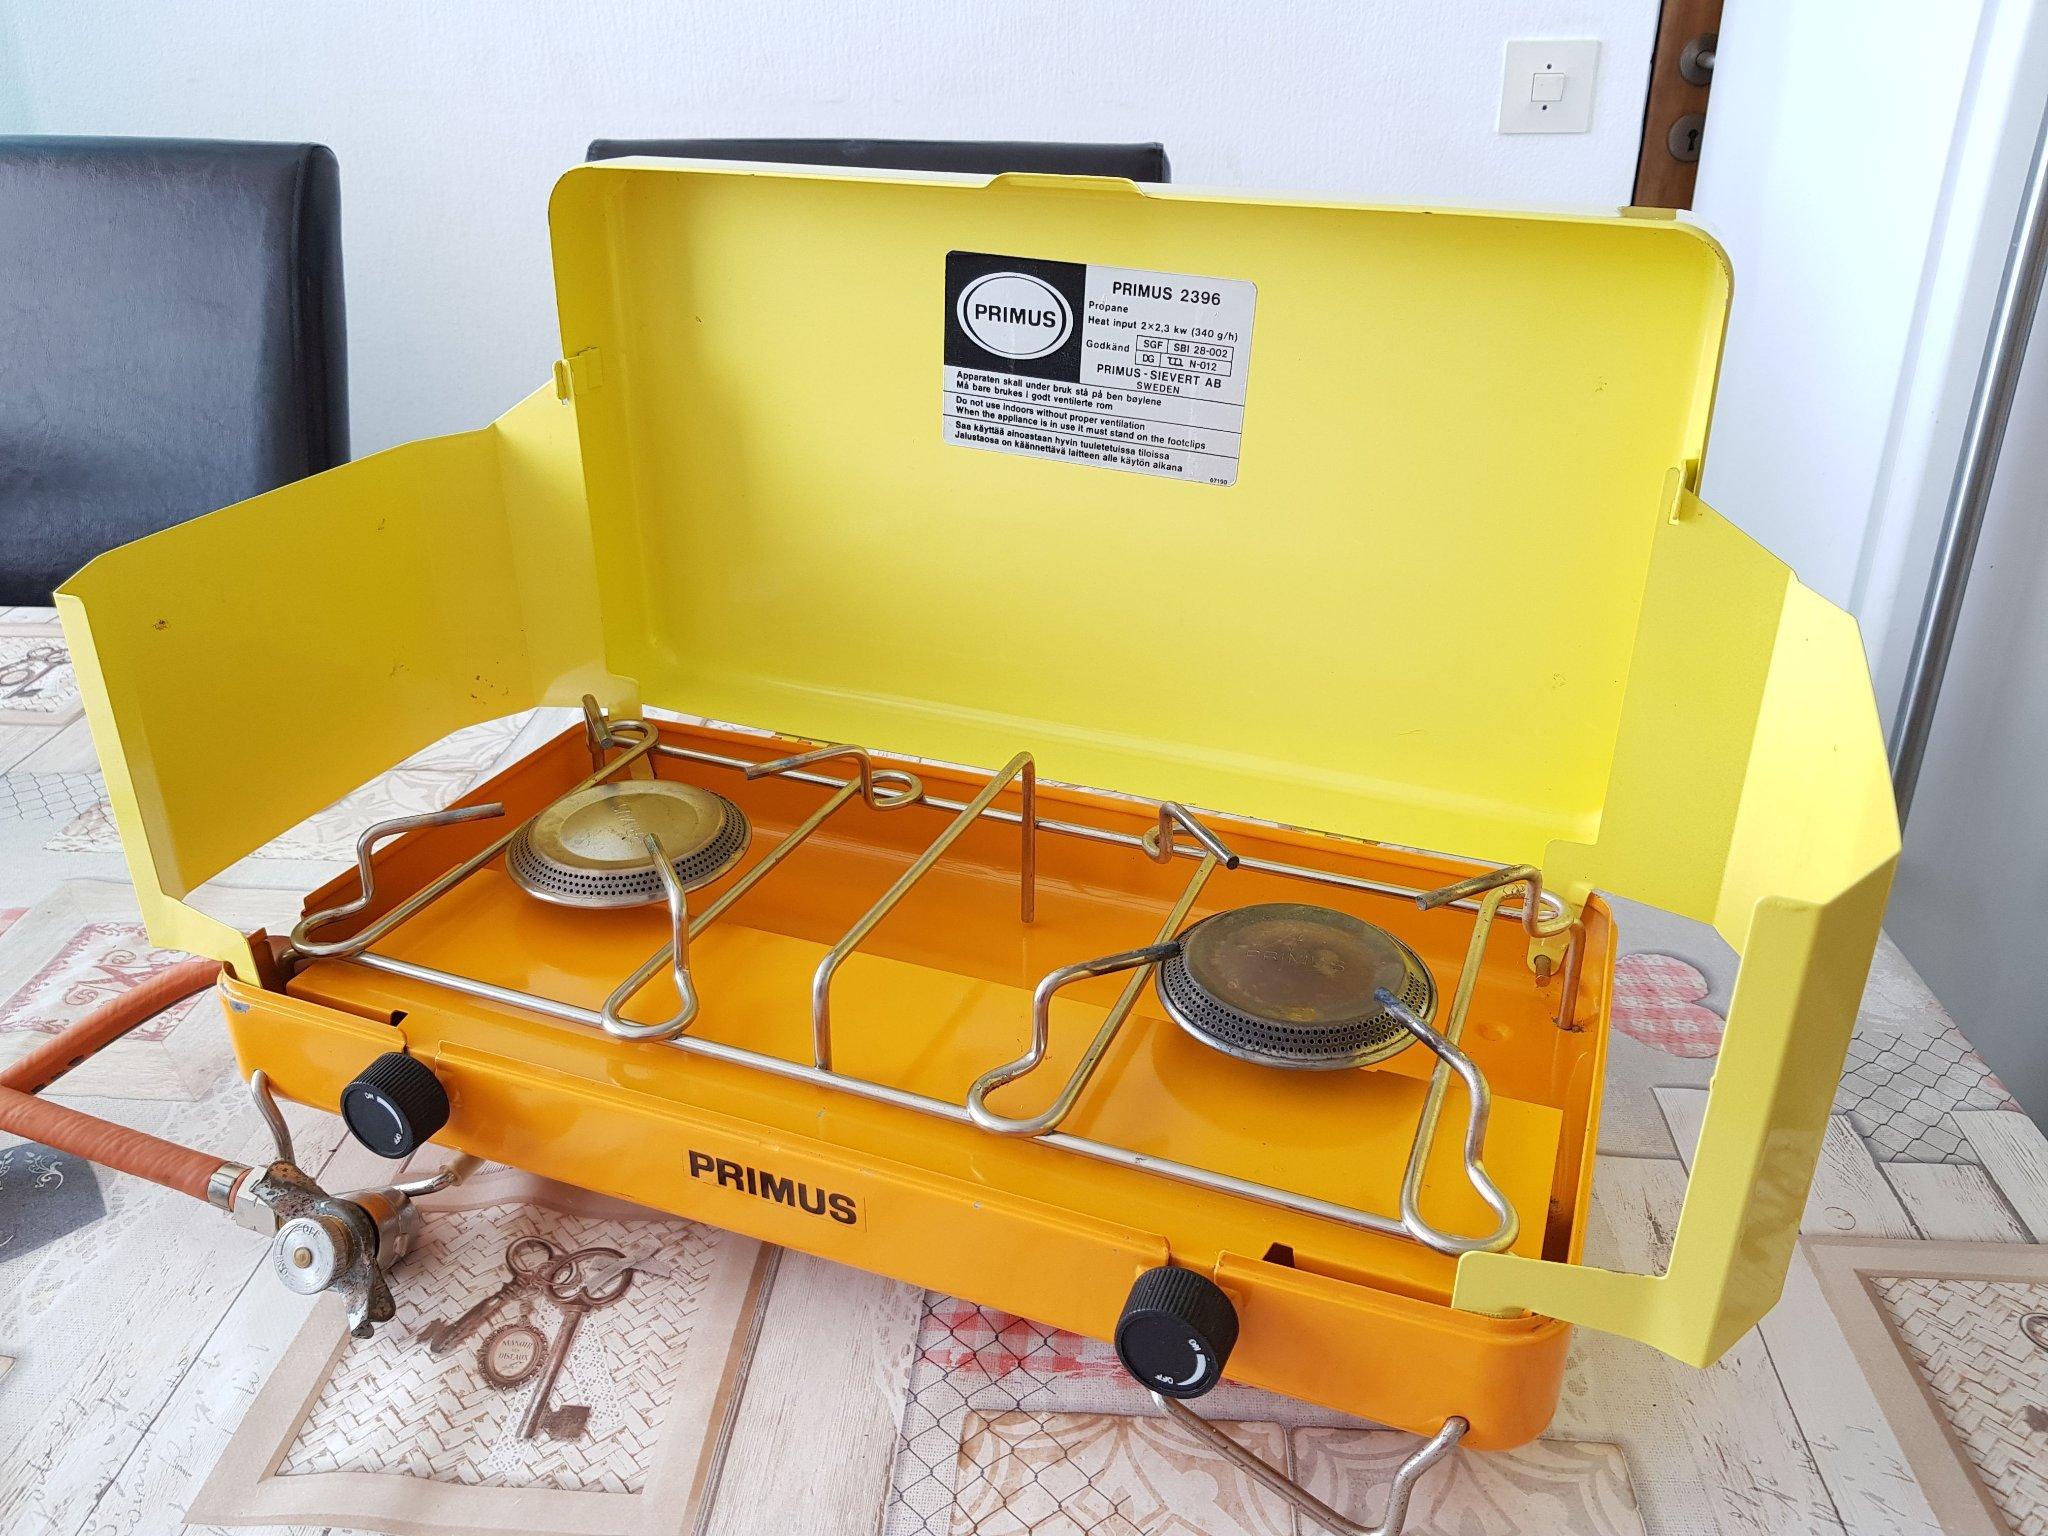 Primus 2396 gasolkök campingkök (354309578) ᐈ Köp på Tradera